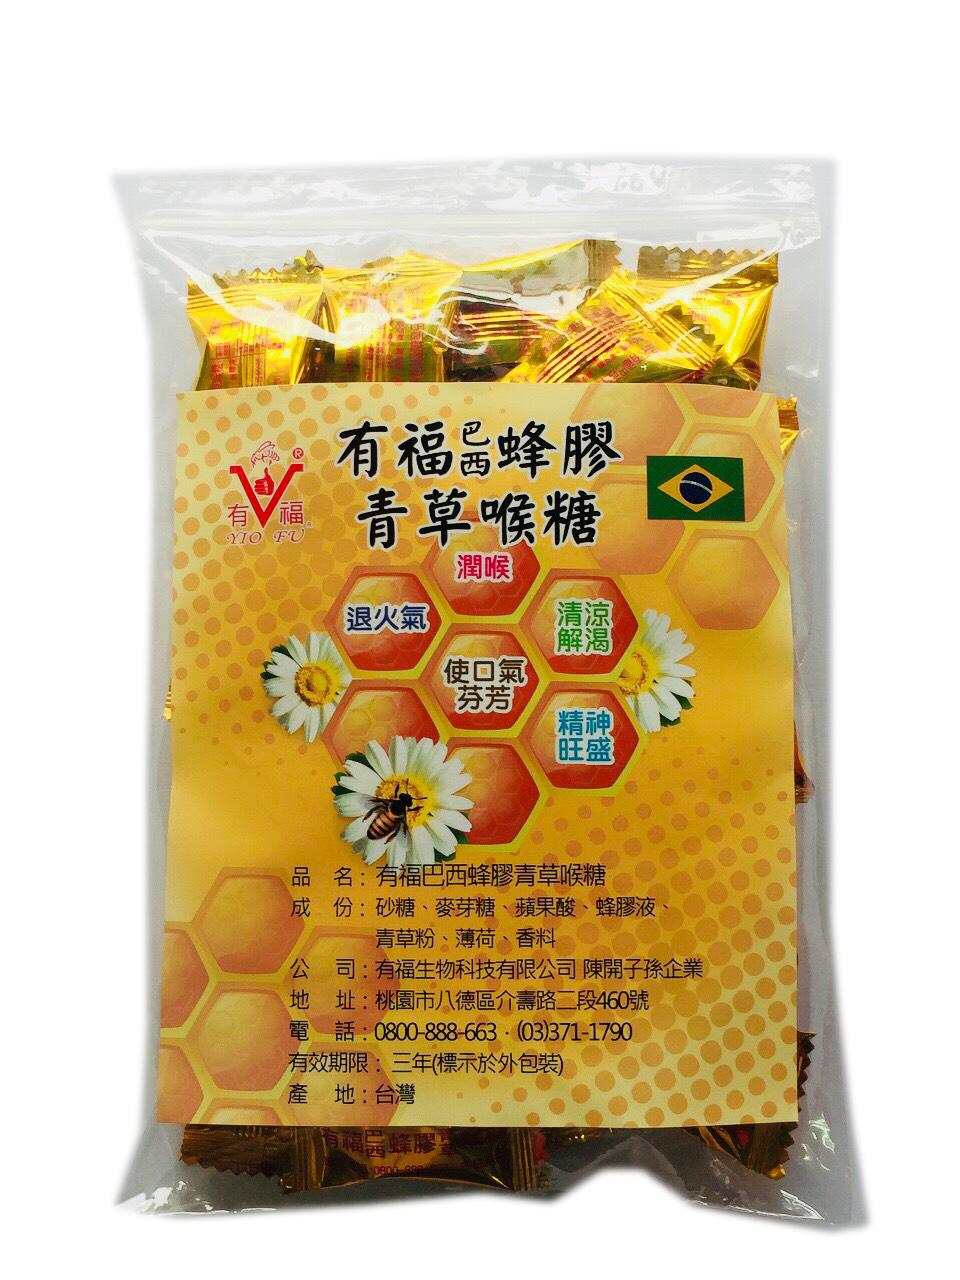 【有福巴西蜂膠】巴西蜂膠青草潤喉糖1包30粒 $99元